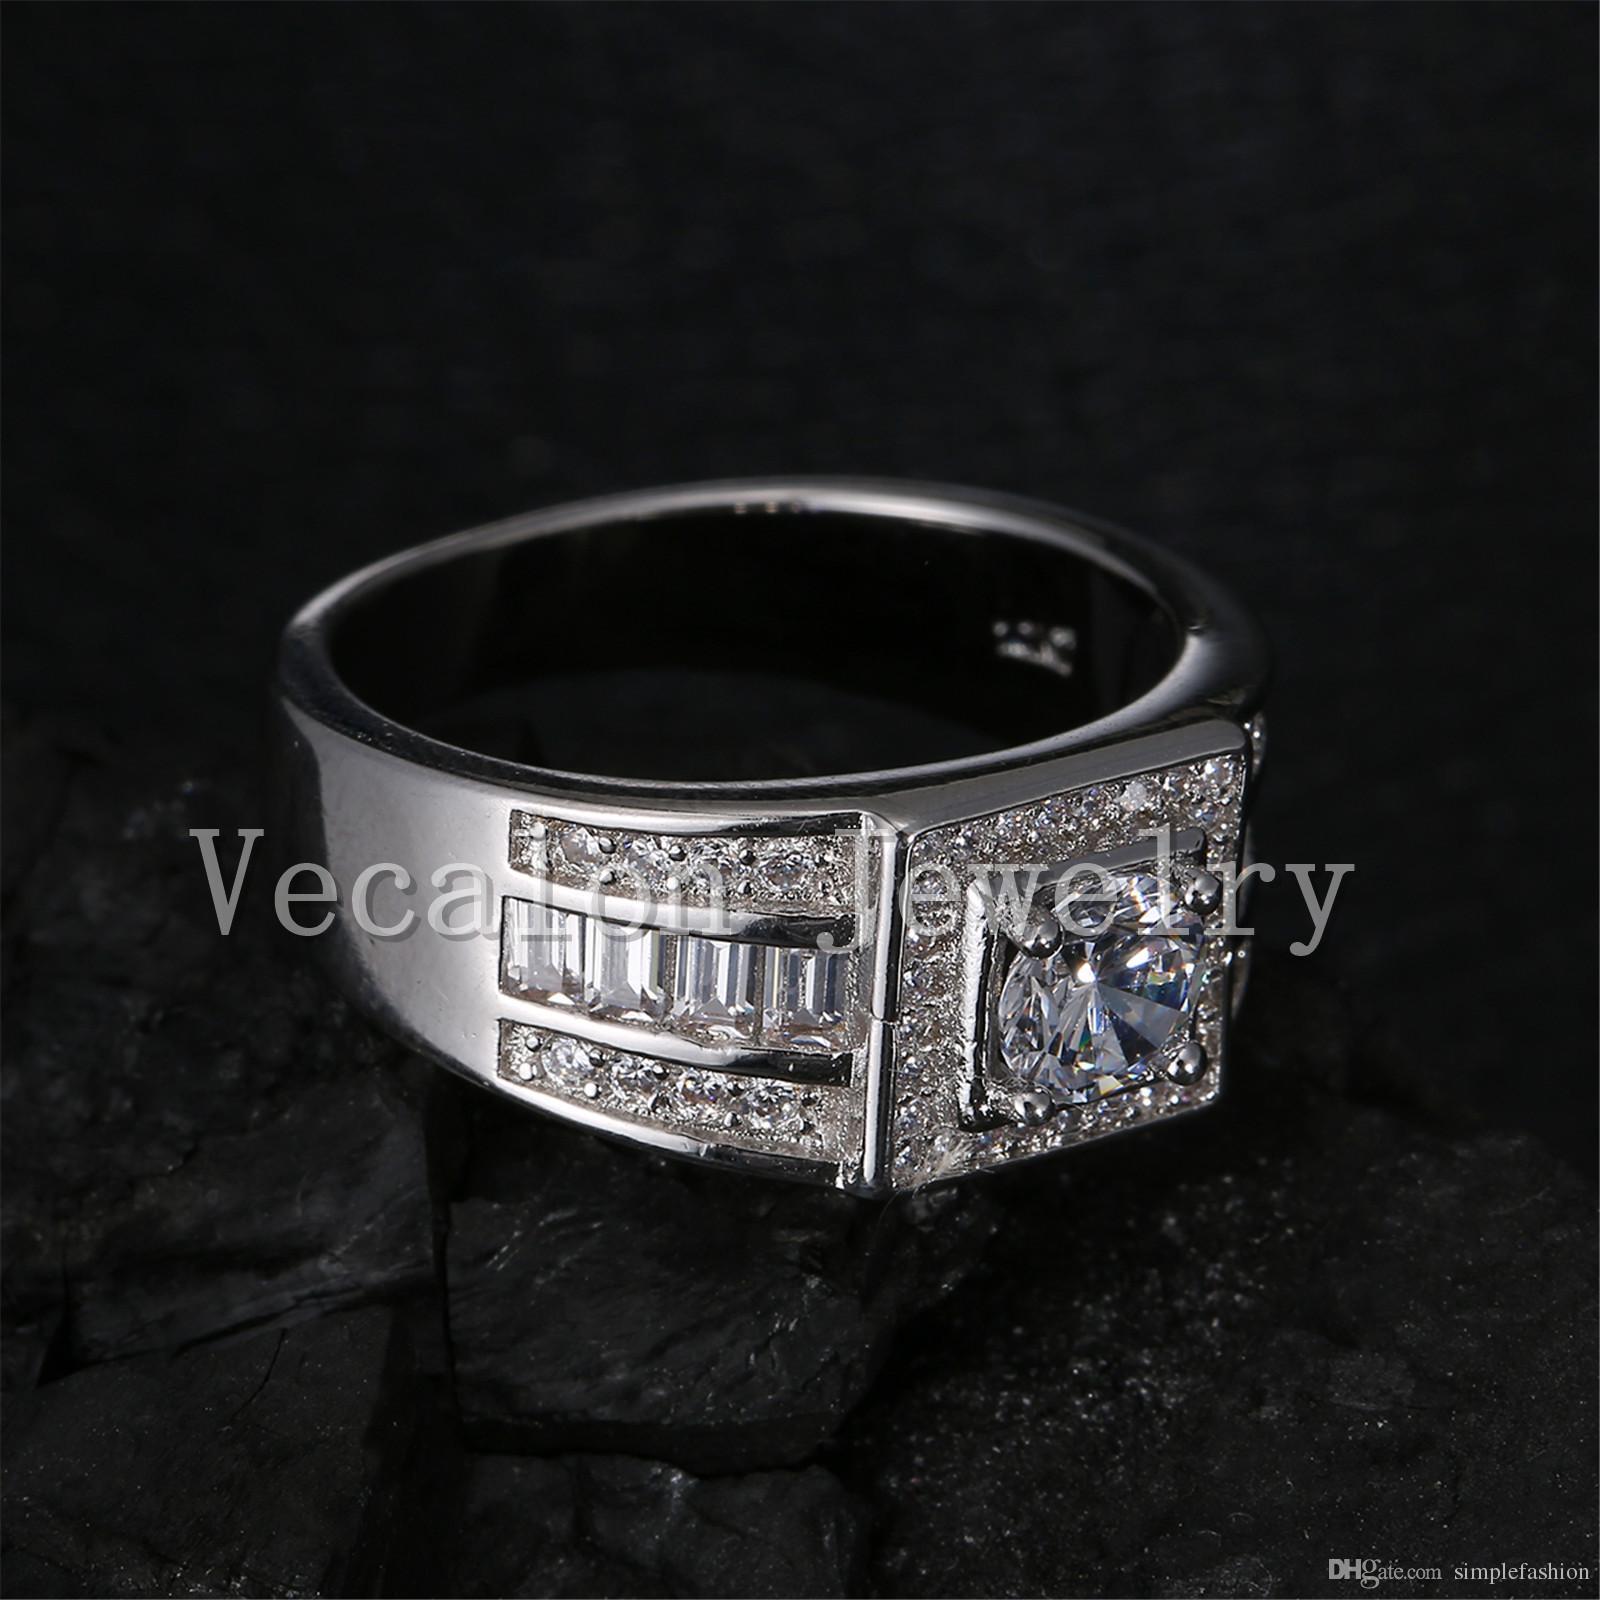 Vecalon Fashion Men Anello di fidanzamento Solitario 1ct Cz Anello di diamanti simulati 10KT Anello di nozze in oro bianco Riempito uomini Sz 7-13